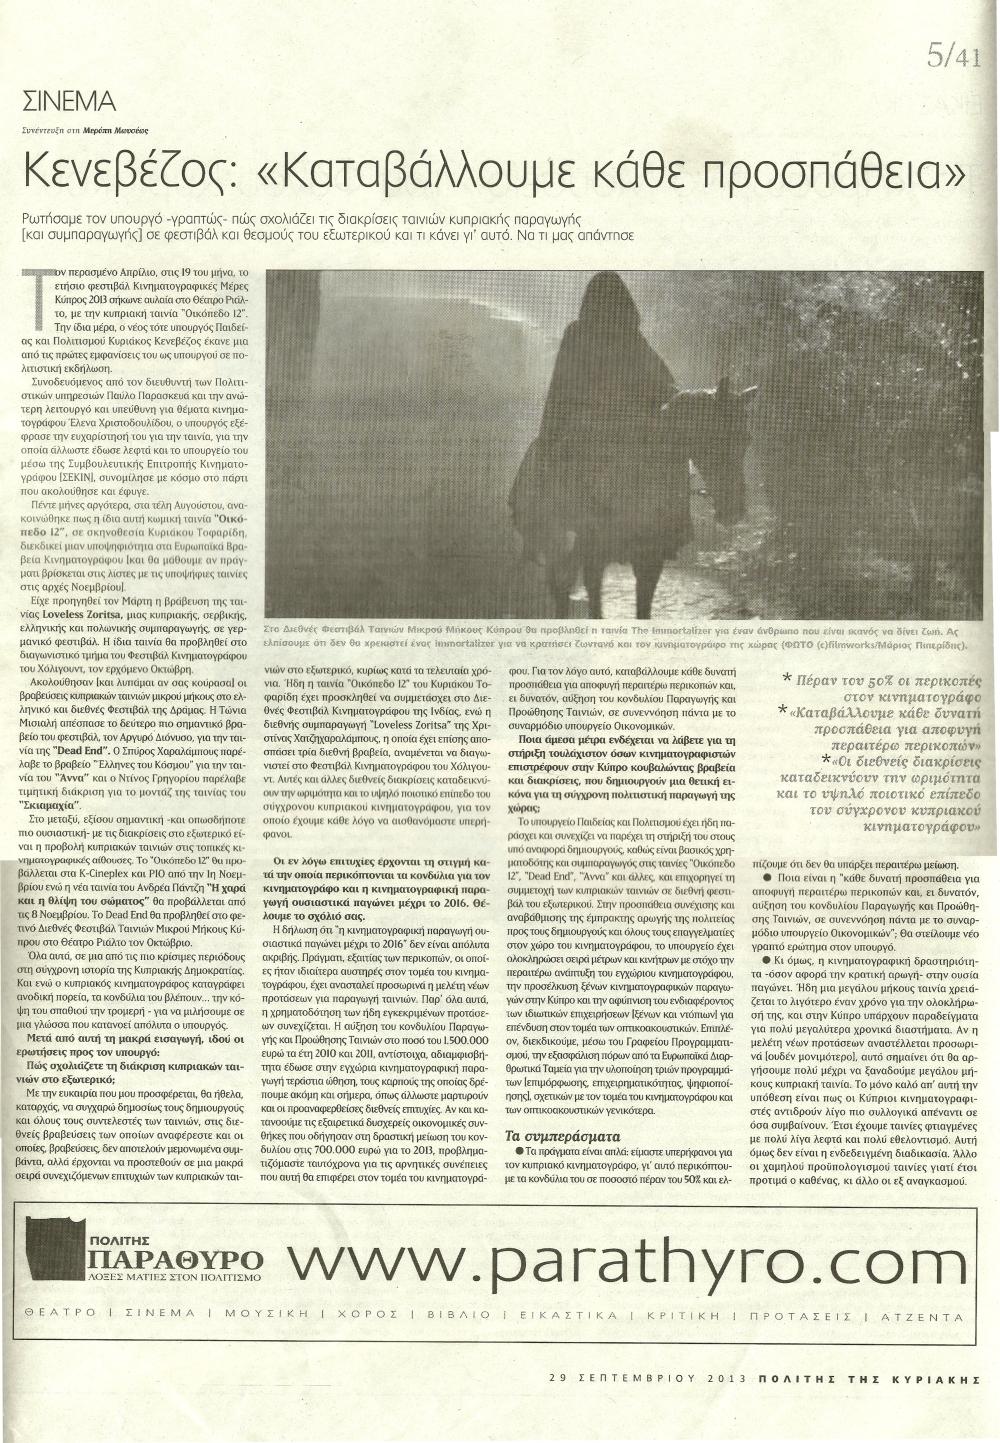 POLITIS_29 sept 2013